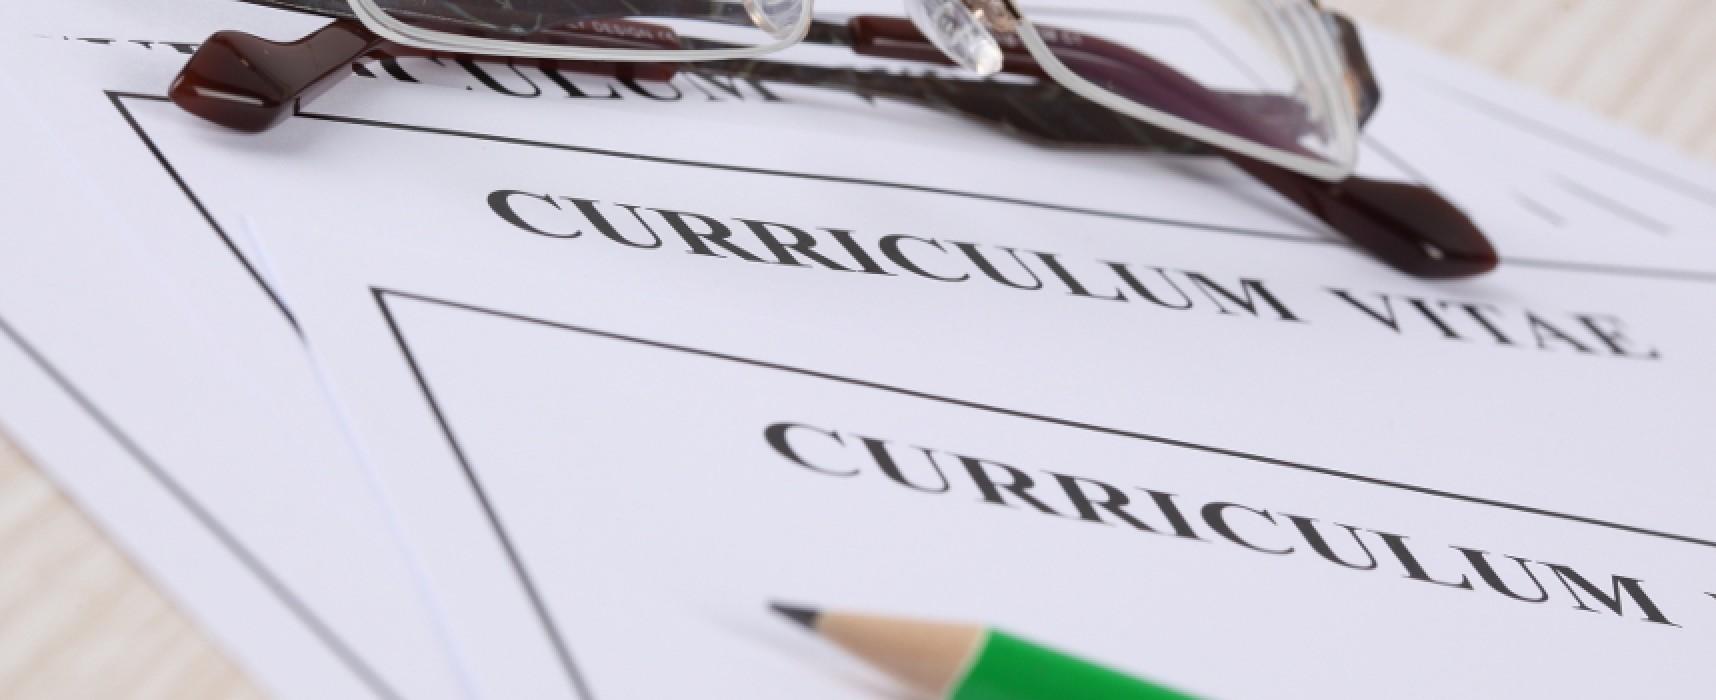 Offerte di lavoro a Bisceglie: estetiste, verniciatori, city manager / DETTAGLI